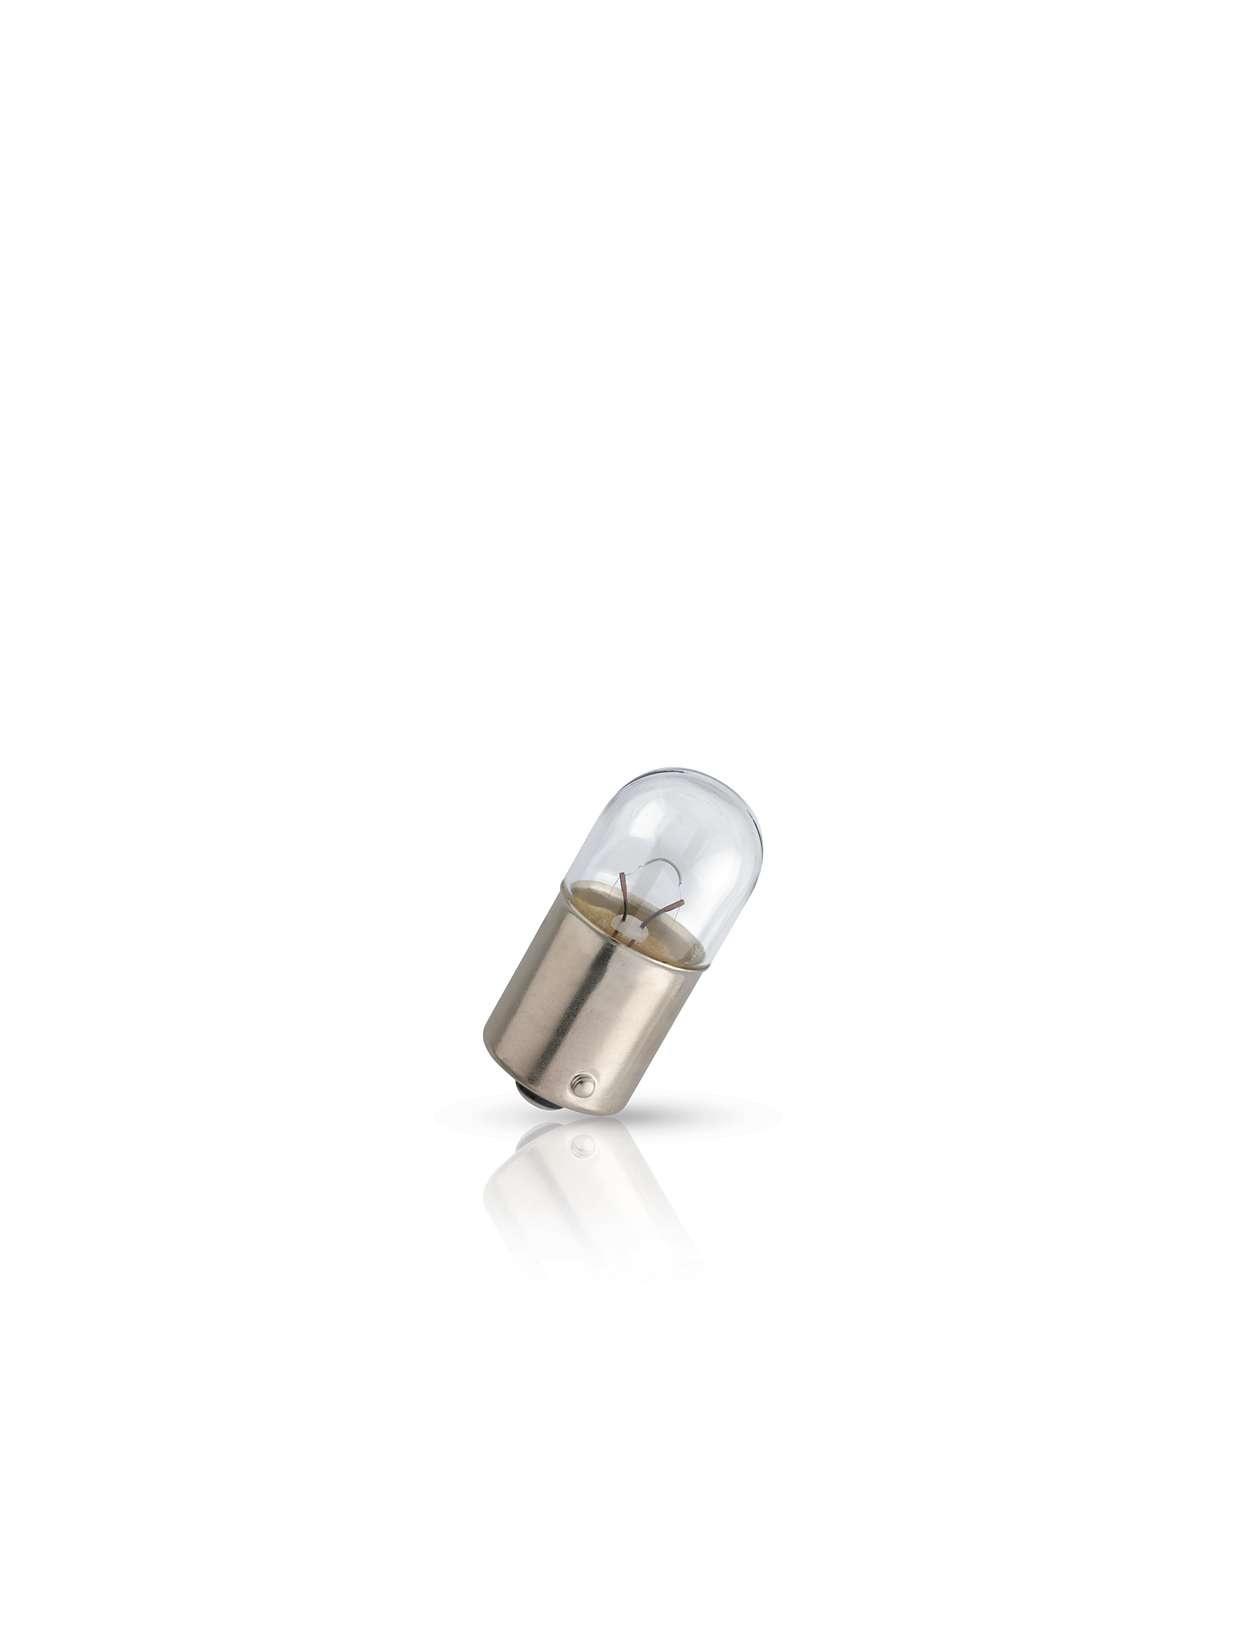 Лампа автомобильная Philips 12821b2 (бл.) автомобильная лампа r5w 5w longlife ecovision 2 шт philips